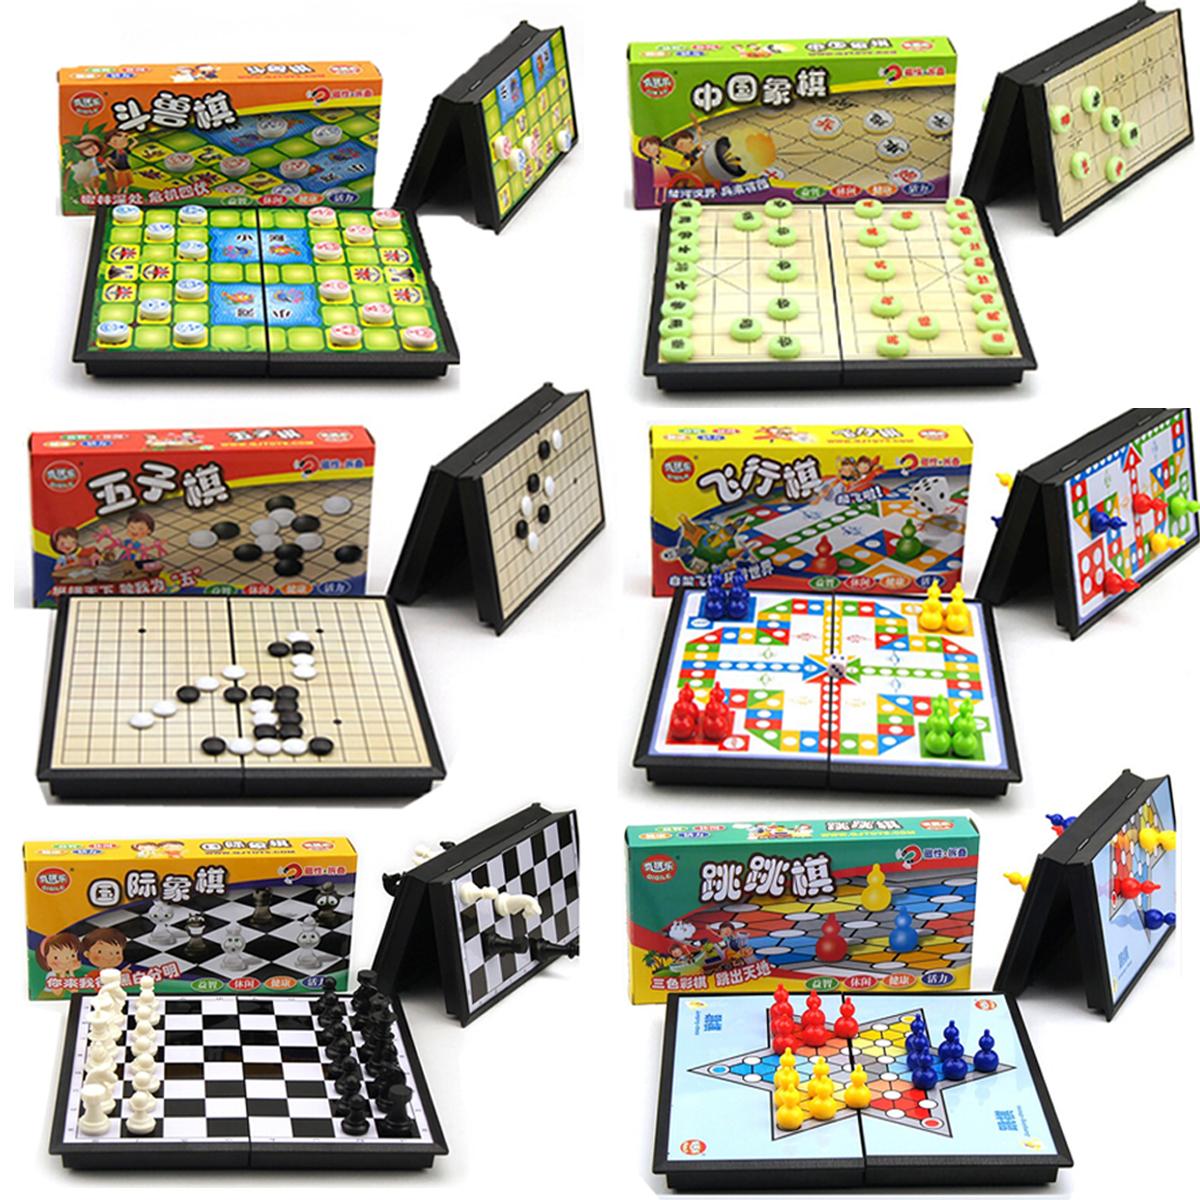 折叠磁性跳棋飞行棋儿童玩具益智棋类围棋中国际象棋五子棋游戏棋